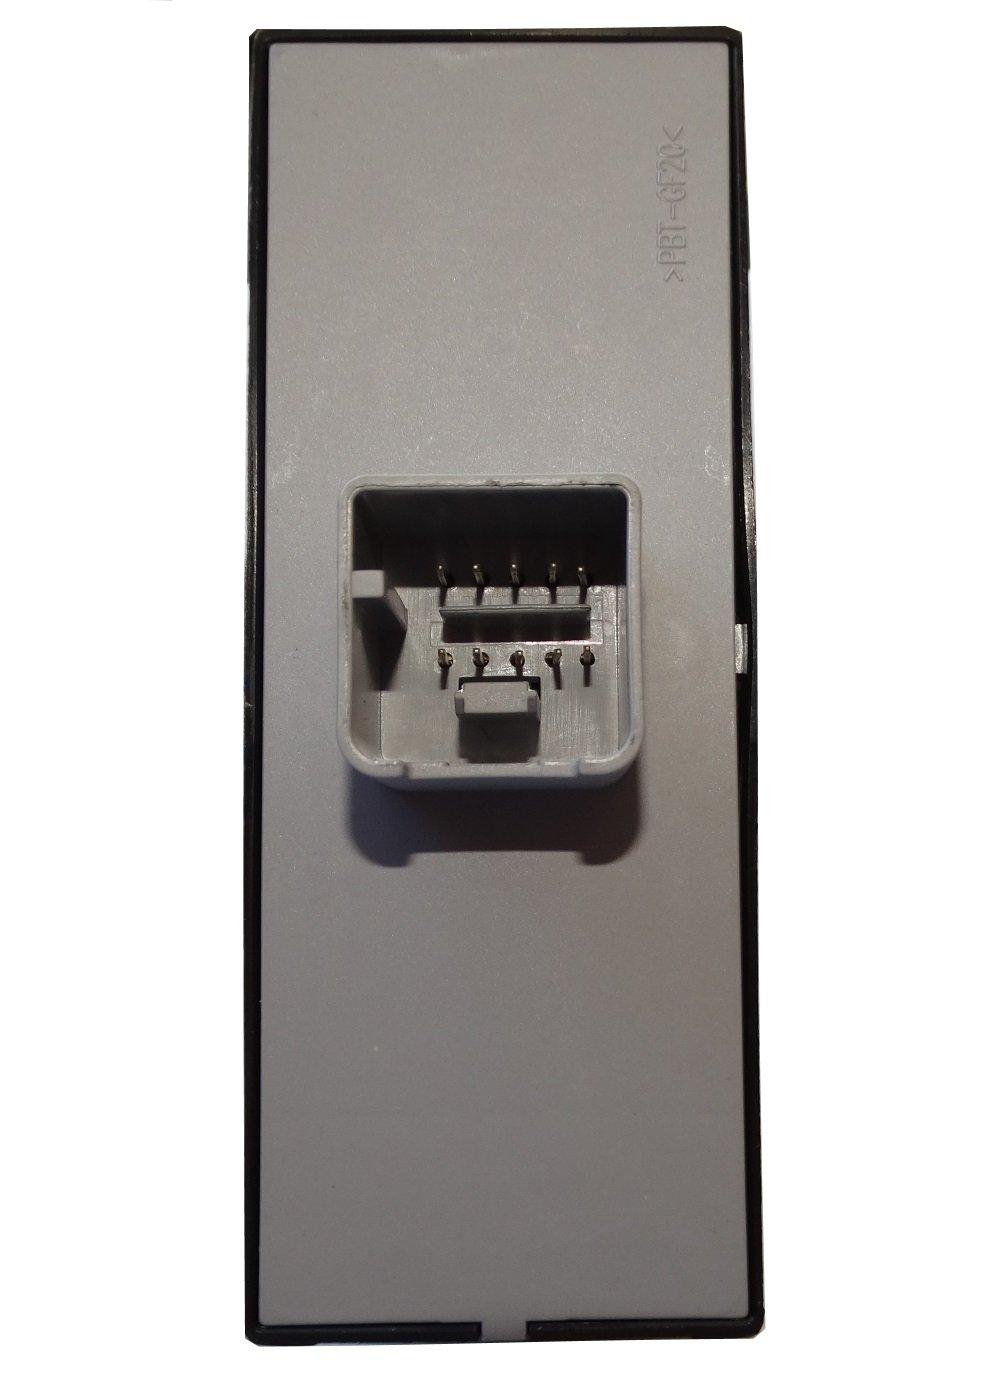 Commodo Fensterhebertaste Schalterknopf Fenster kompatibel 5ND959857 C16199 Aerzetix